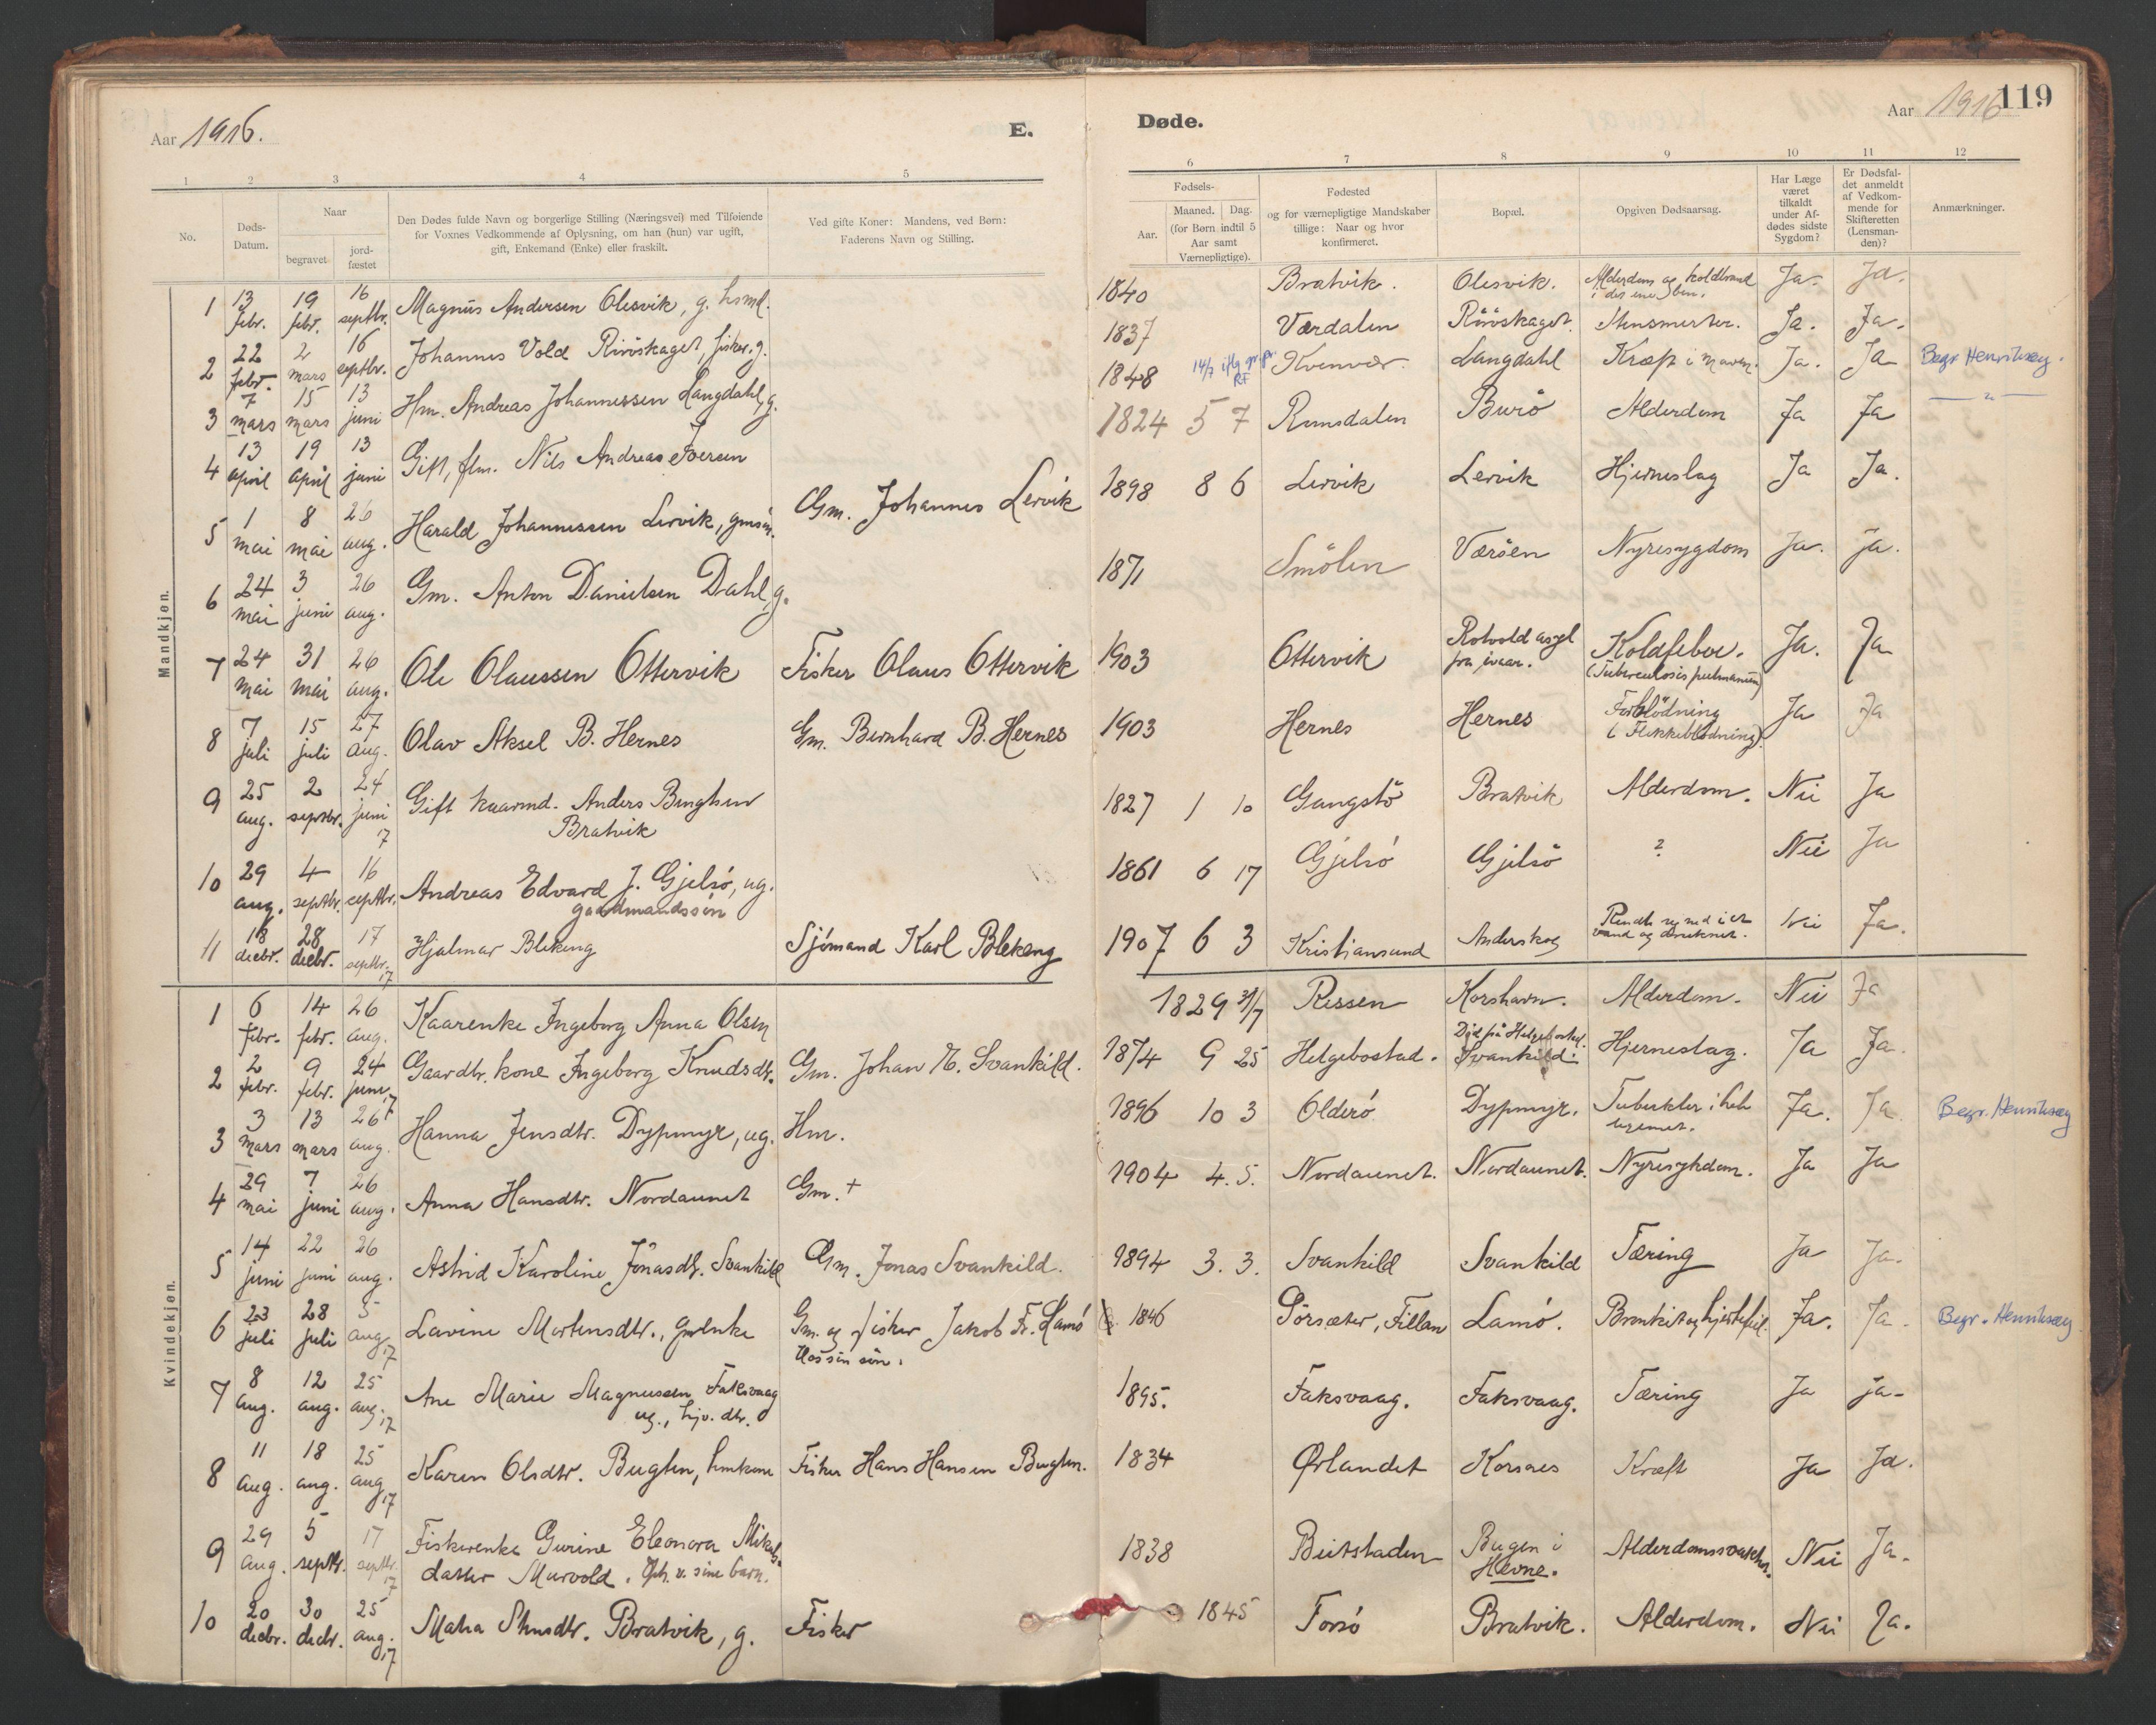 SAT, Ministerialprotokoller, klokkerbøker og fødselsregistre - Sør-Trøndelag, 635/L0552: Ministerialbok nr. 635A02, 1899-1919, s. 119